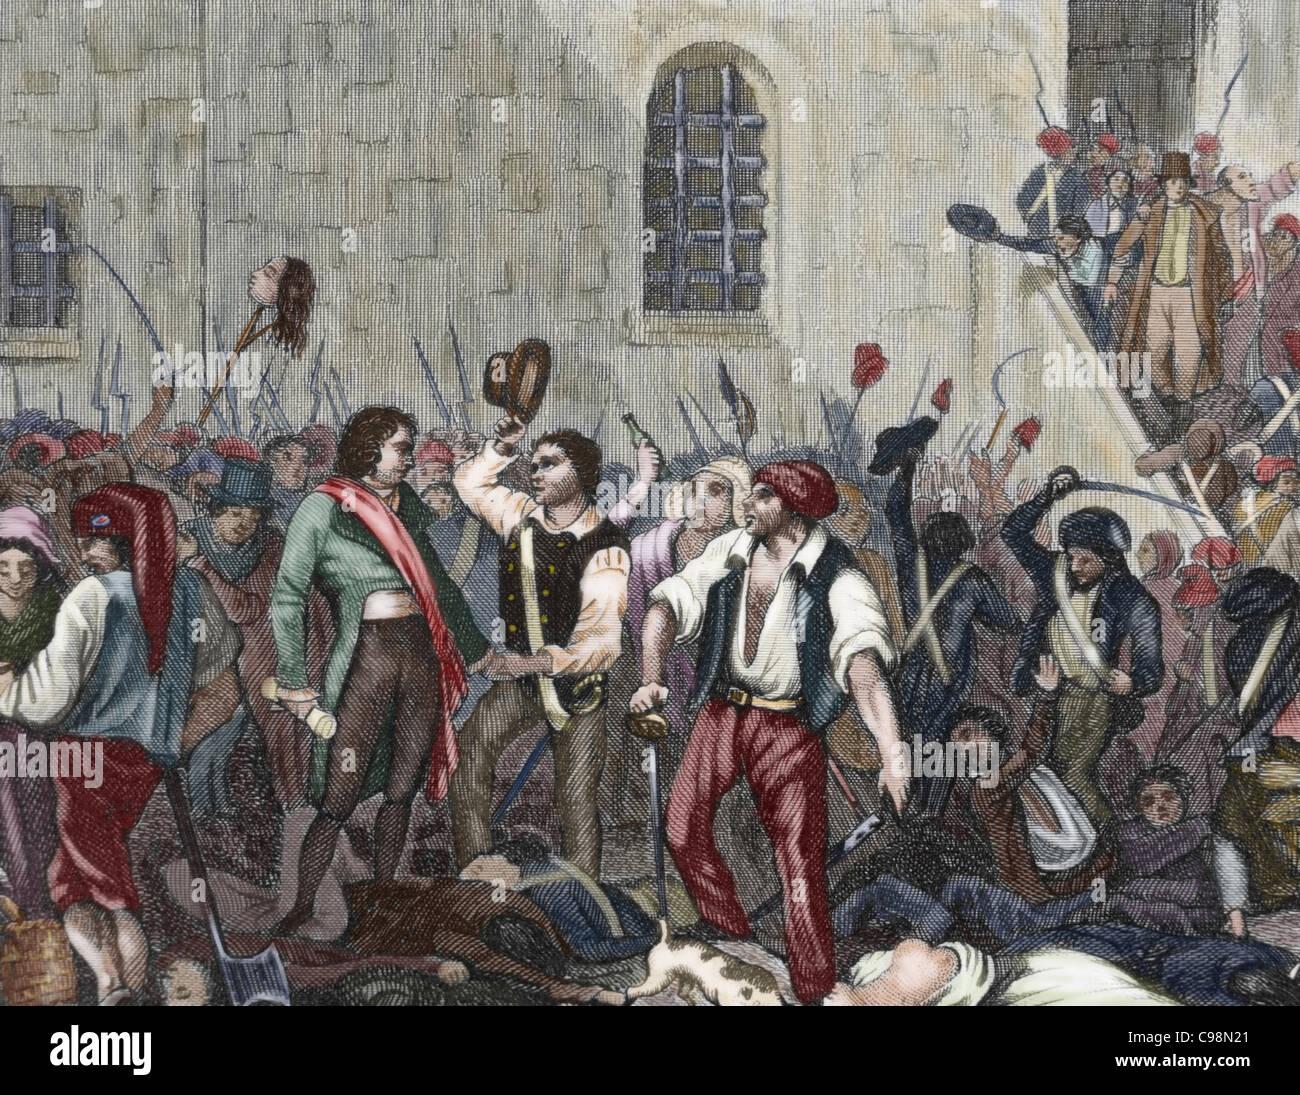 Rivoluzione francese. Esecuzione di chierici e detenuti dai membri della Comune di Parigi. Settembre, 1792. Incisione Immagini Stock